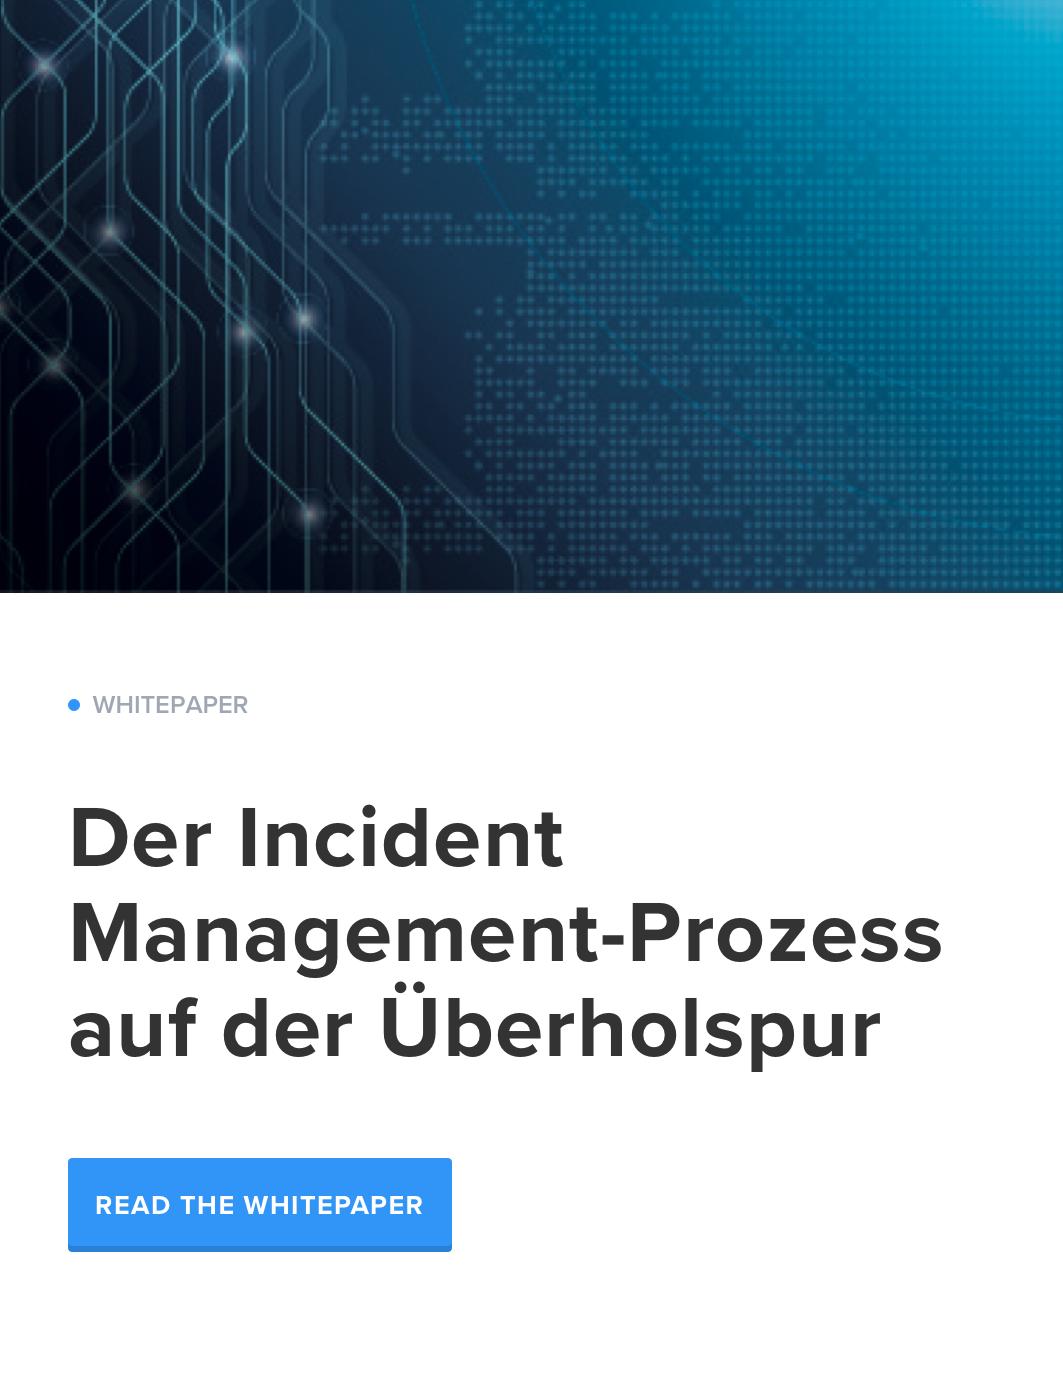 Der Incident Management-Prozess auf der Überholspur